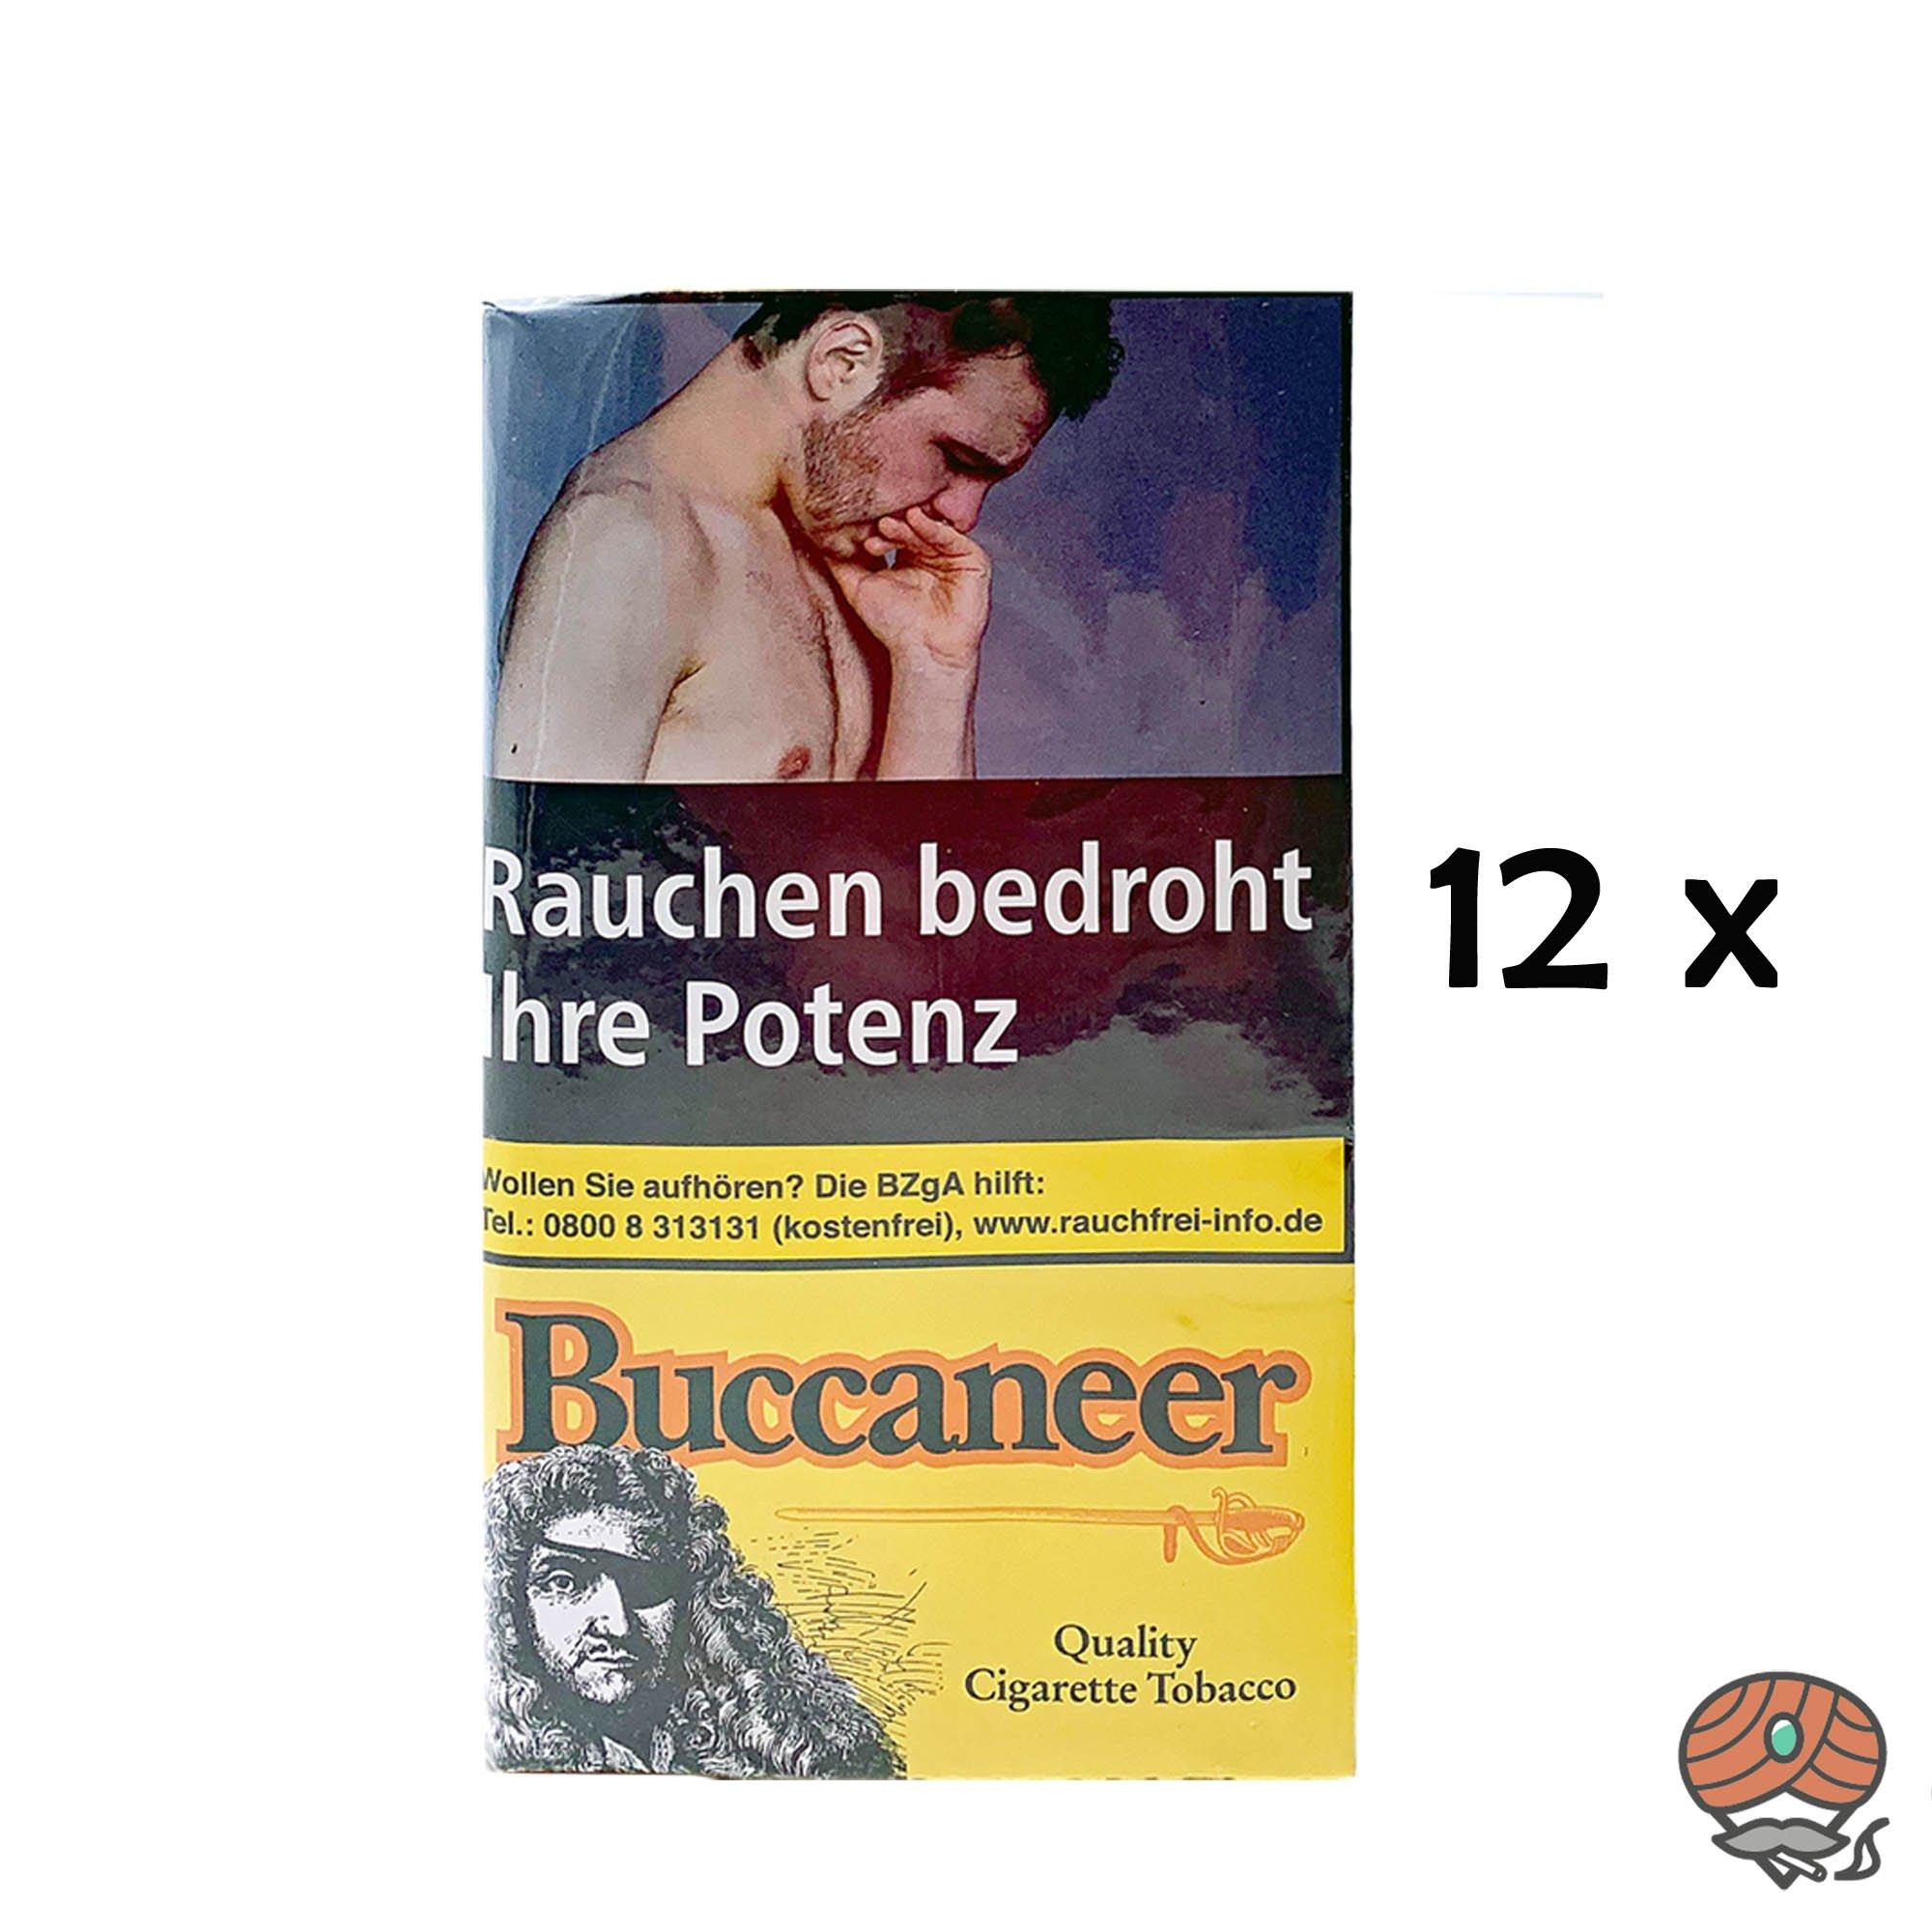 12 x Buccaneer Drehtabak / Feinschnitttabak Whisky Aroma